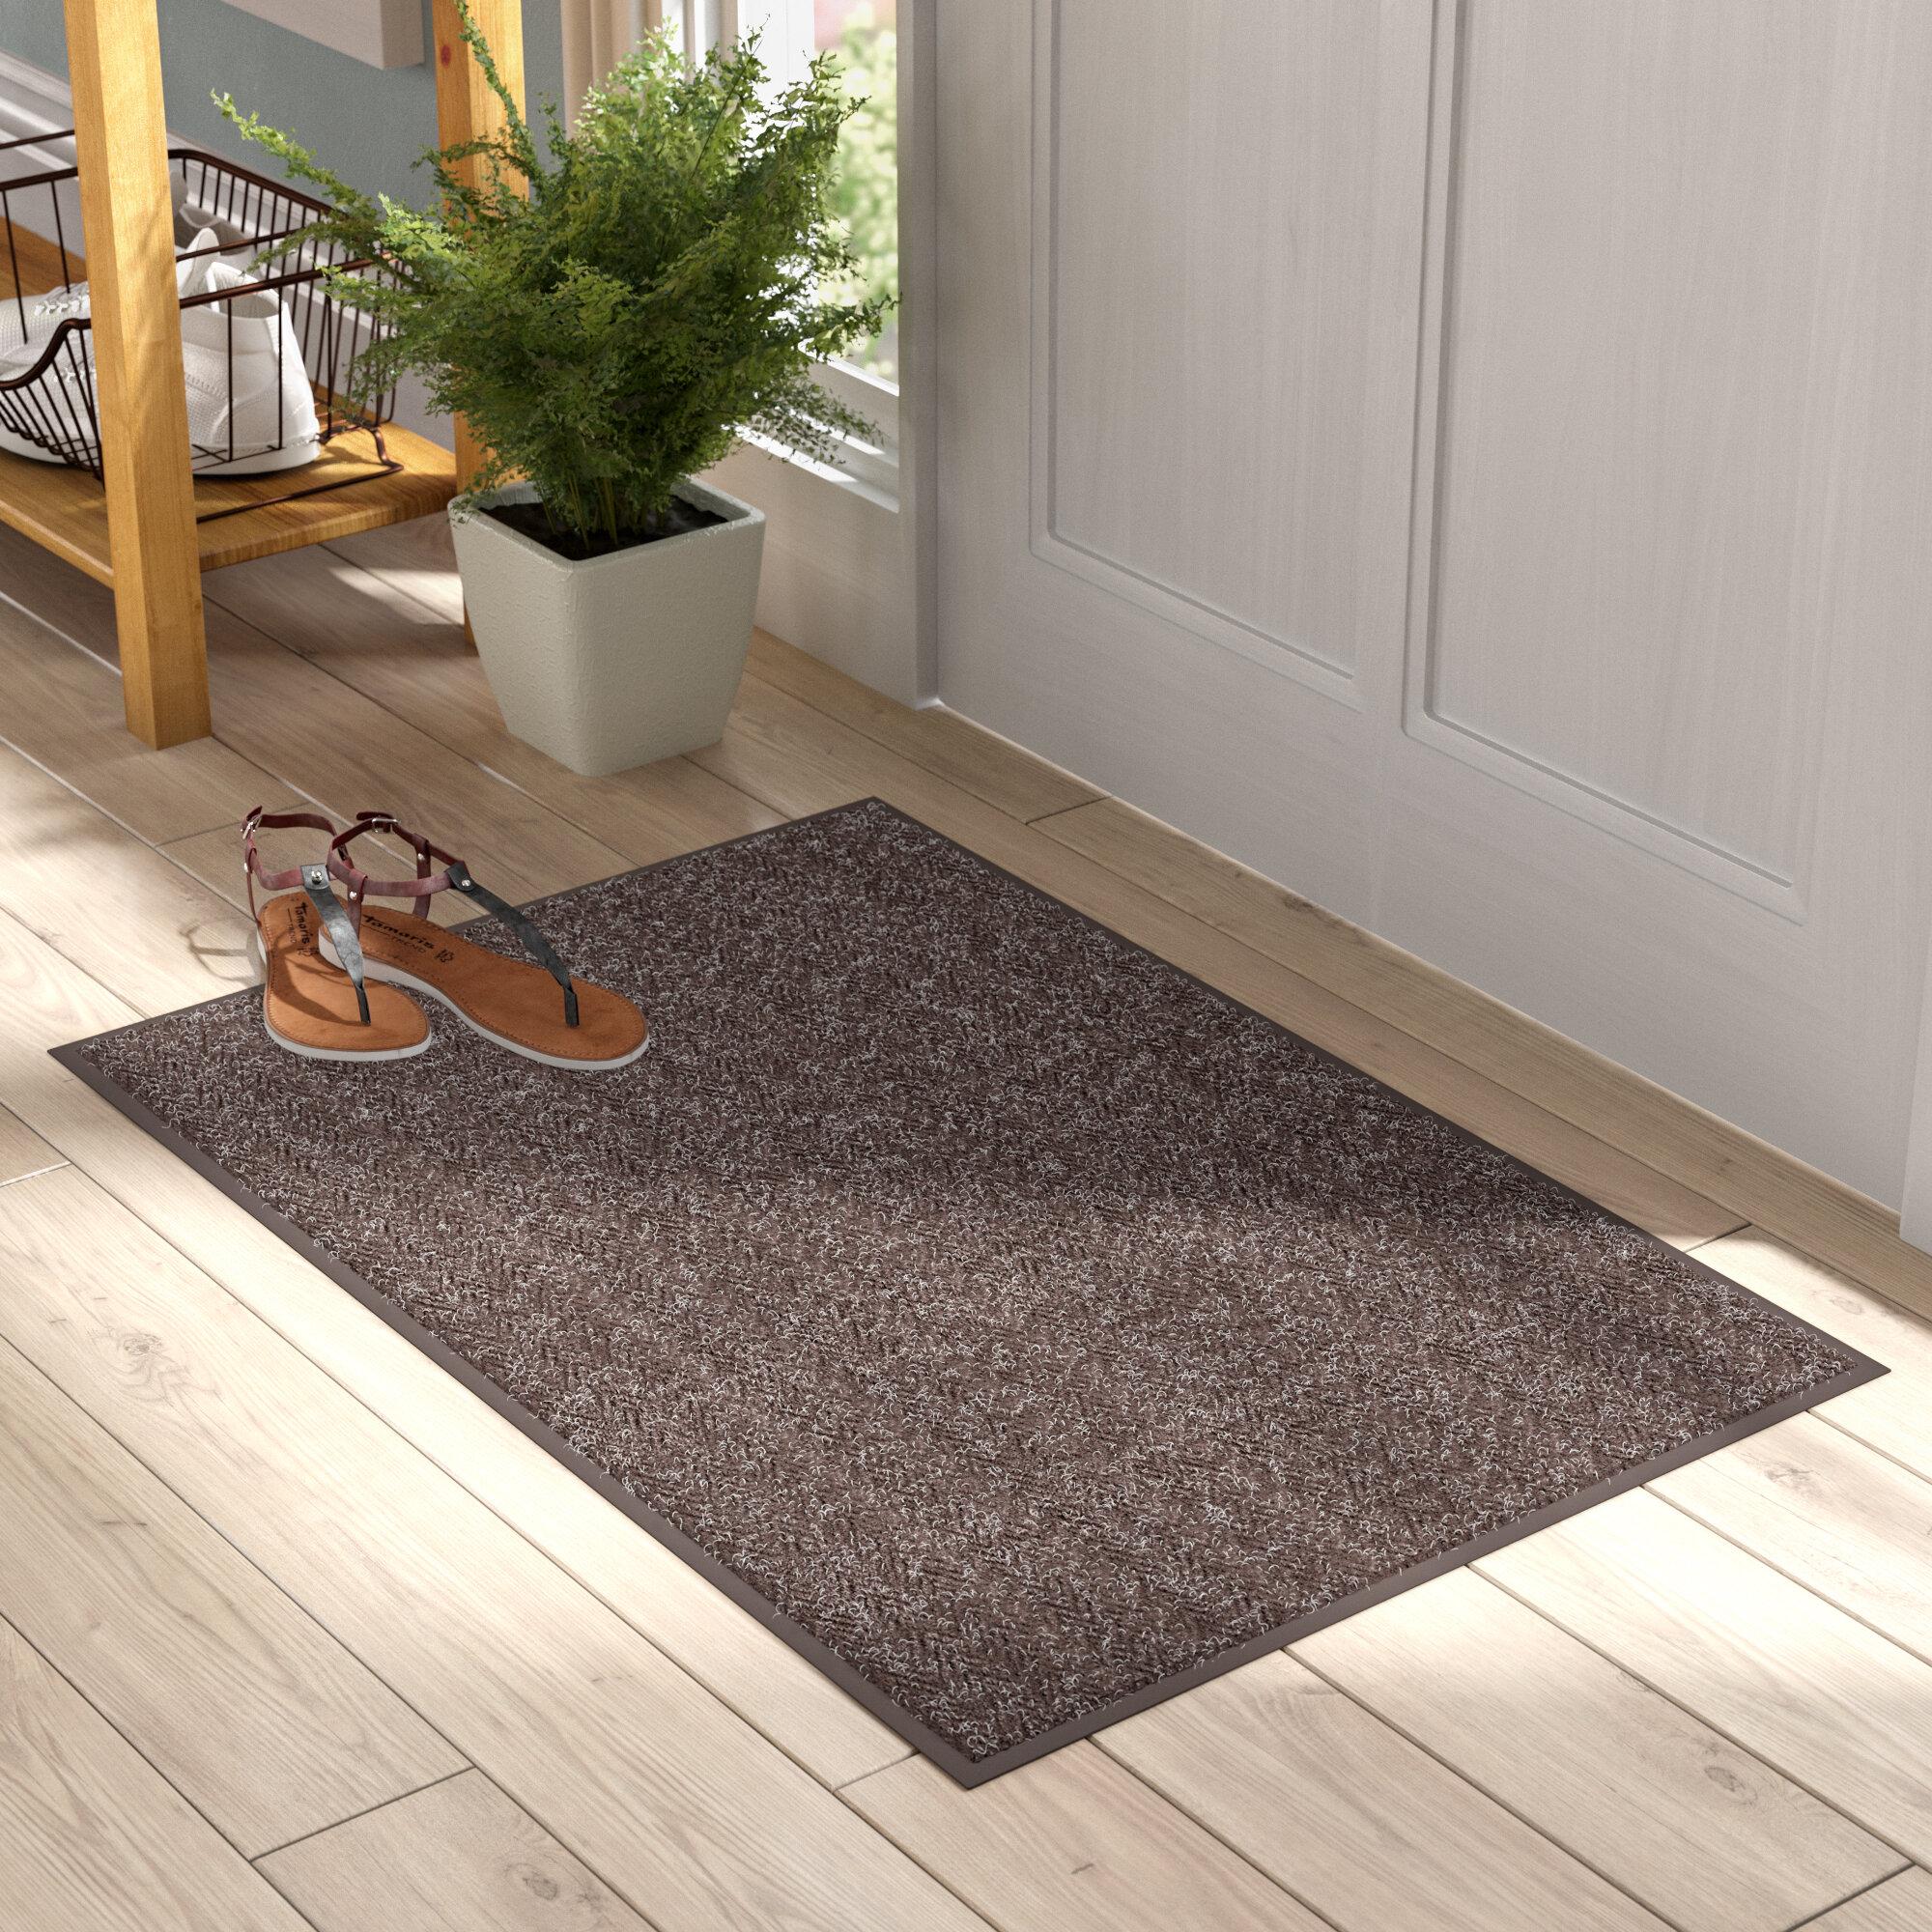 Symple Stuff Pamrapo Chevron Non Slip Indoor Only Door Mat